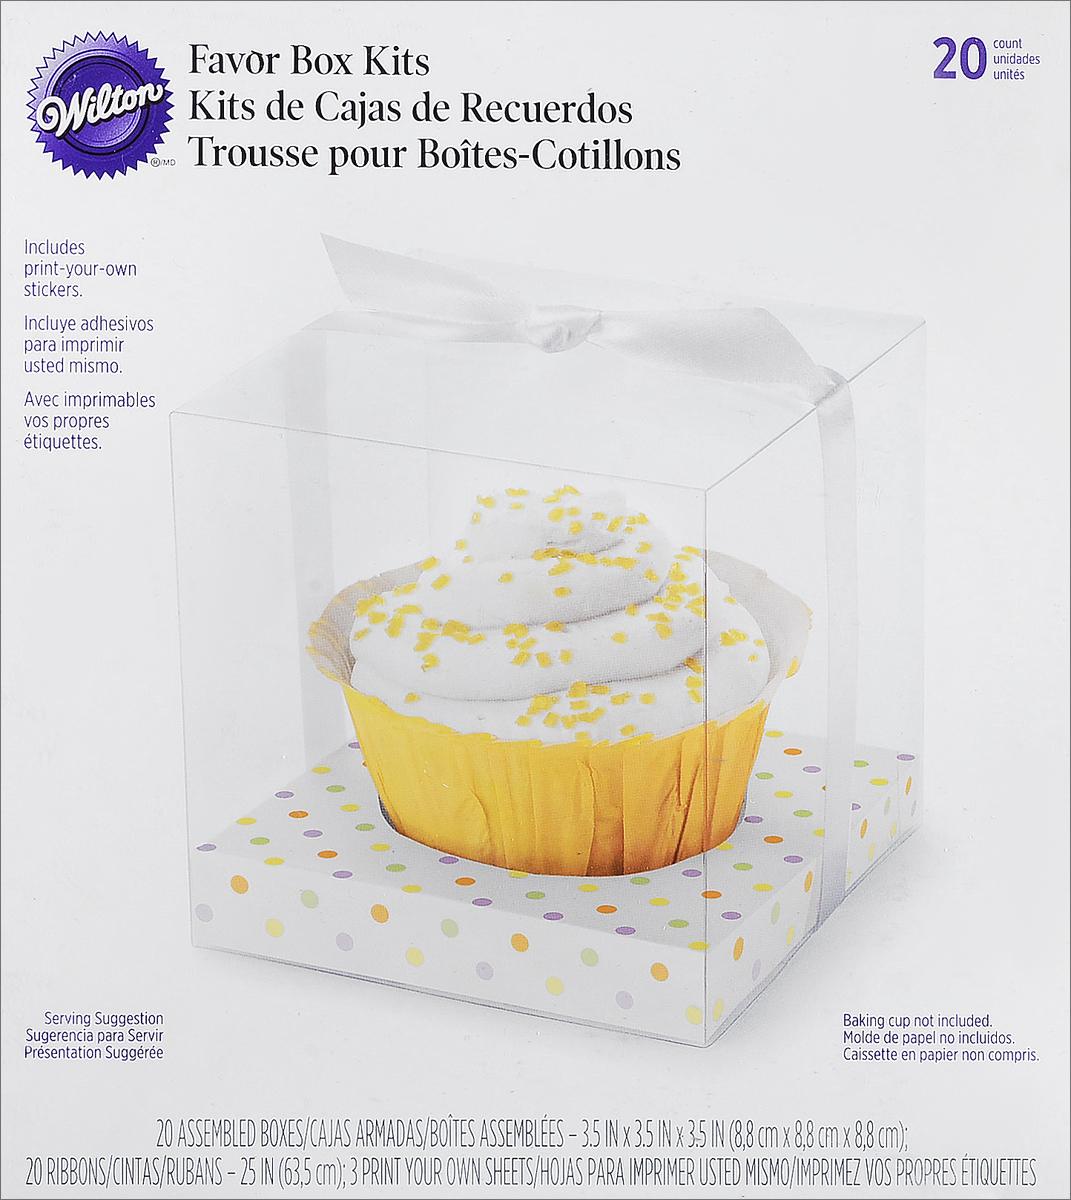 """Набор Wilton """"Пастельный горошек"""" состоит из 20 коробочек, выполненных из  пластика и картона с принтом в горошек. В набор также входят 20 ленточек и 20  ярлычков для подписи. Wilton """"Пастельный горошек"""" - идеальная подарочная  упаковка для вашего сладкого подарка. Просто поместите в коробочку кекс,  маленький тортик или печенье, завяжите наверху ленточку и добавьте именную  надпись. Удивительно красивый и вкусный подарок готов!  Размер коробочки: 9 см х 9 см х 9 см."""